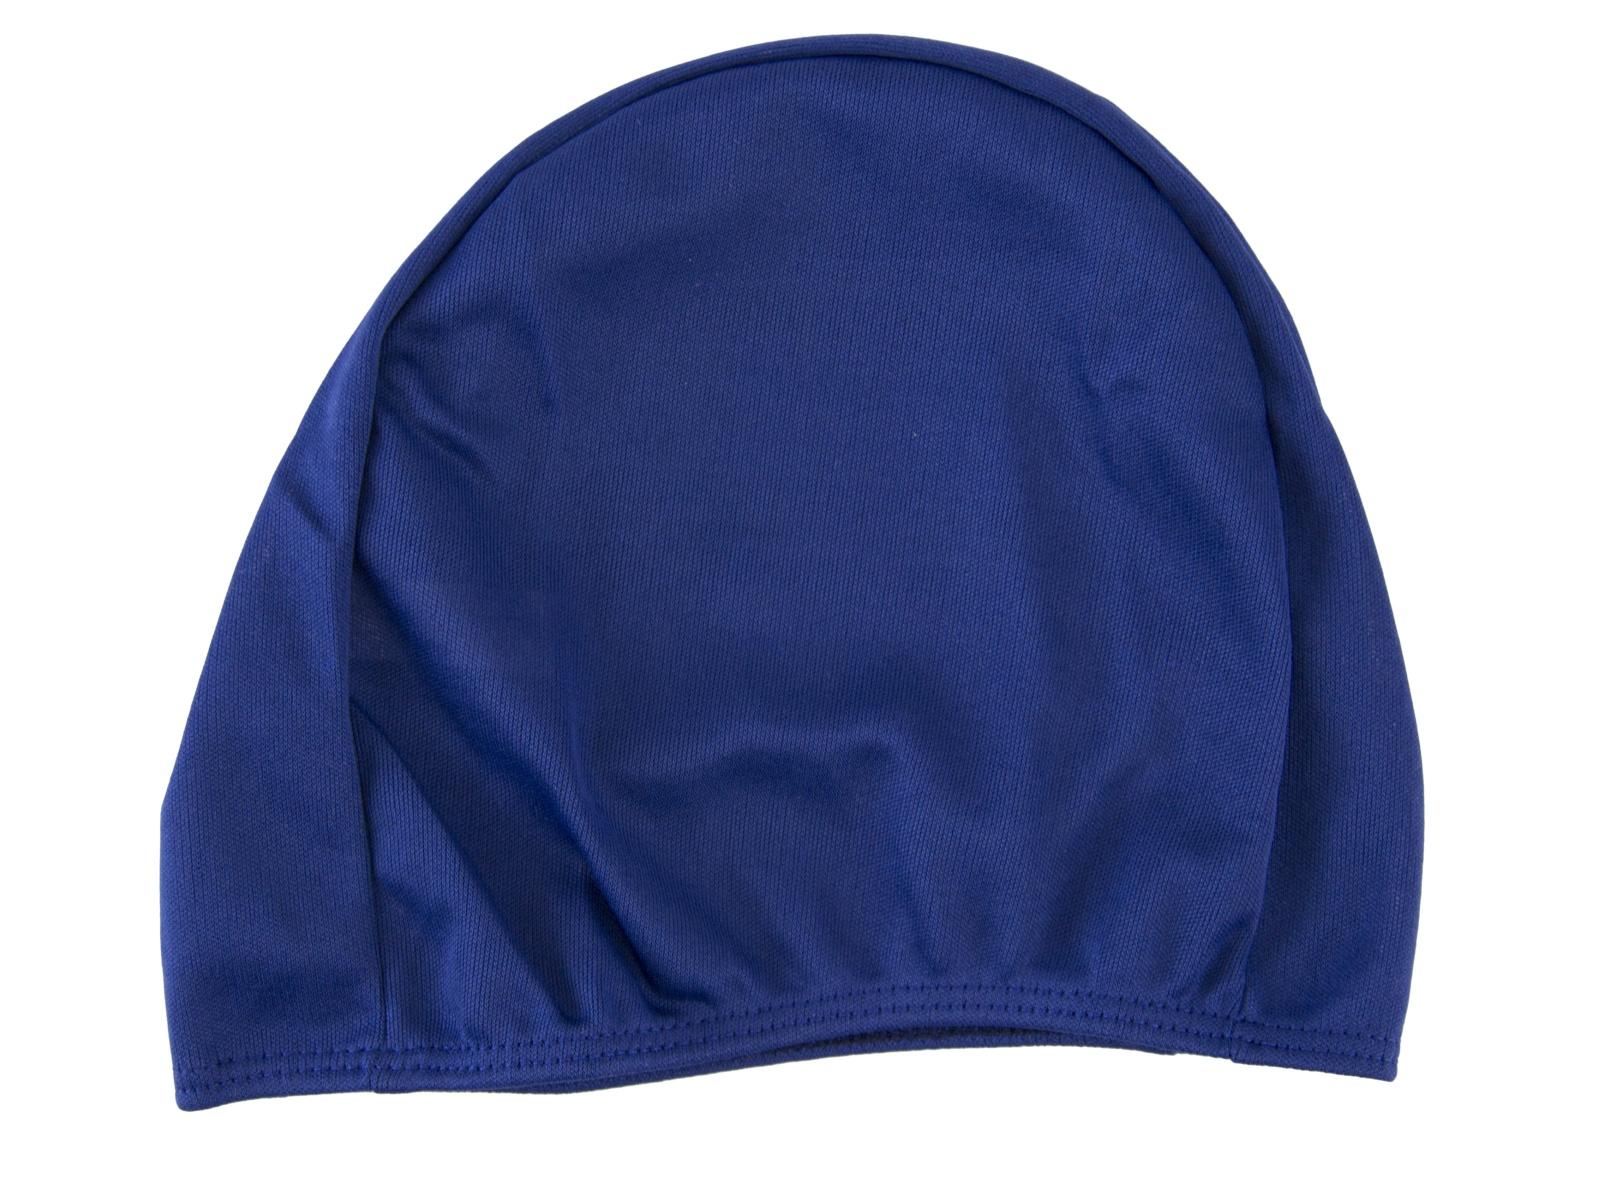 Kúpacia čiapka Polyester 1901 junior - tmavo modrá